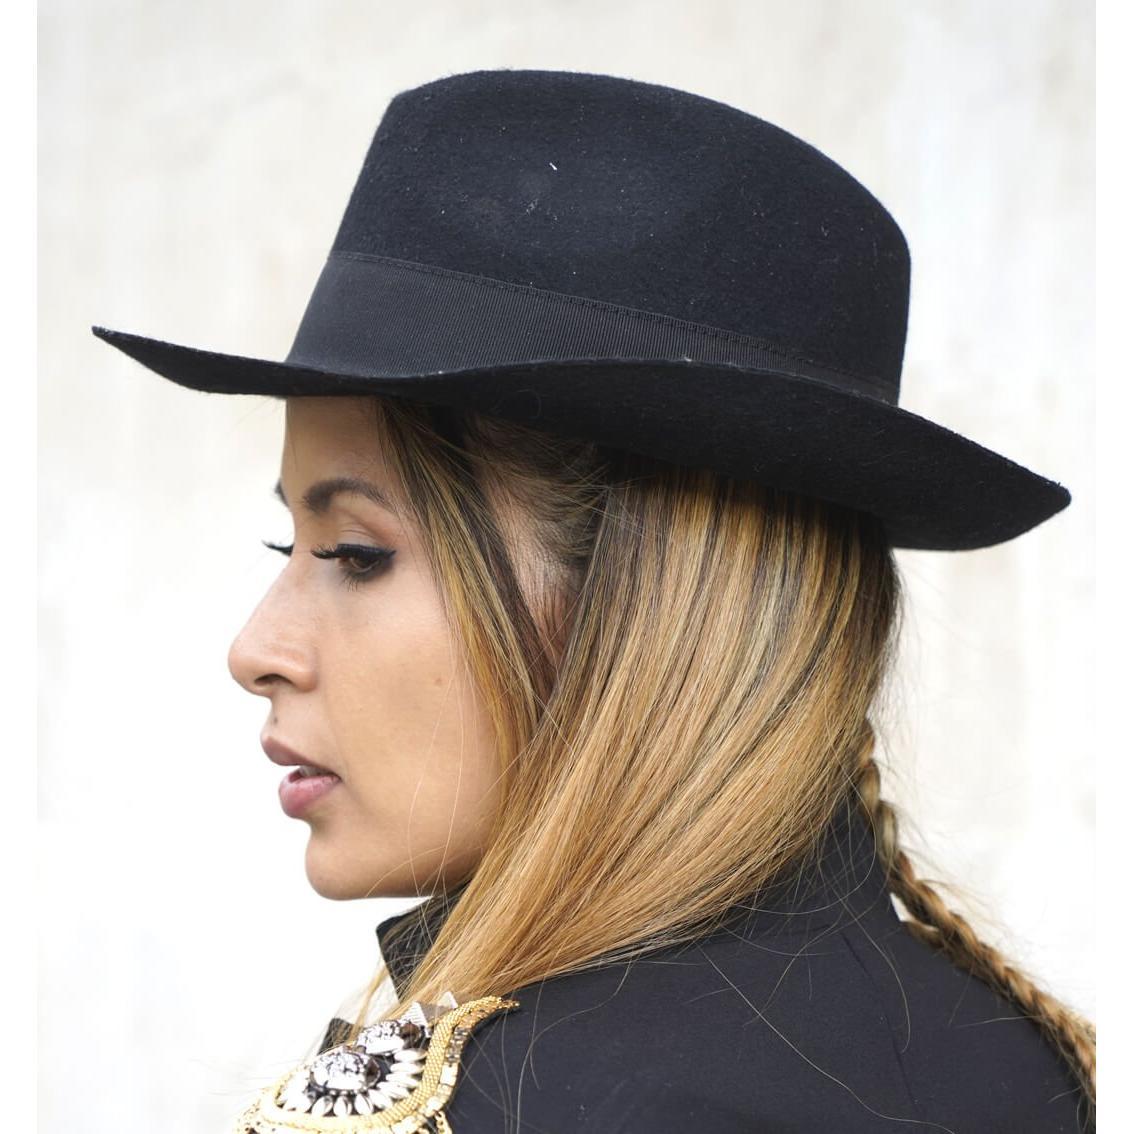 Cappello donna elegante: offerte sensazionali a buon prezzo